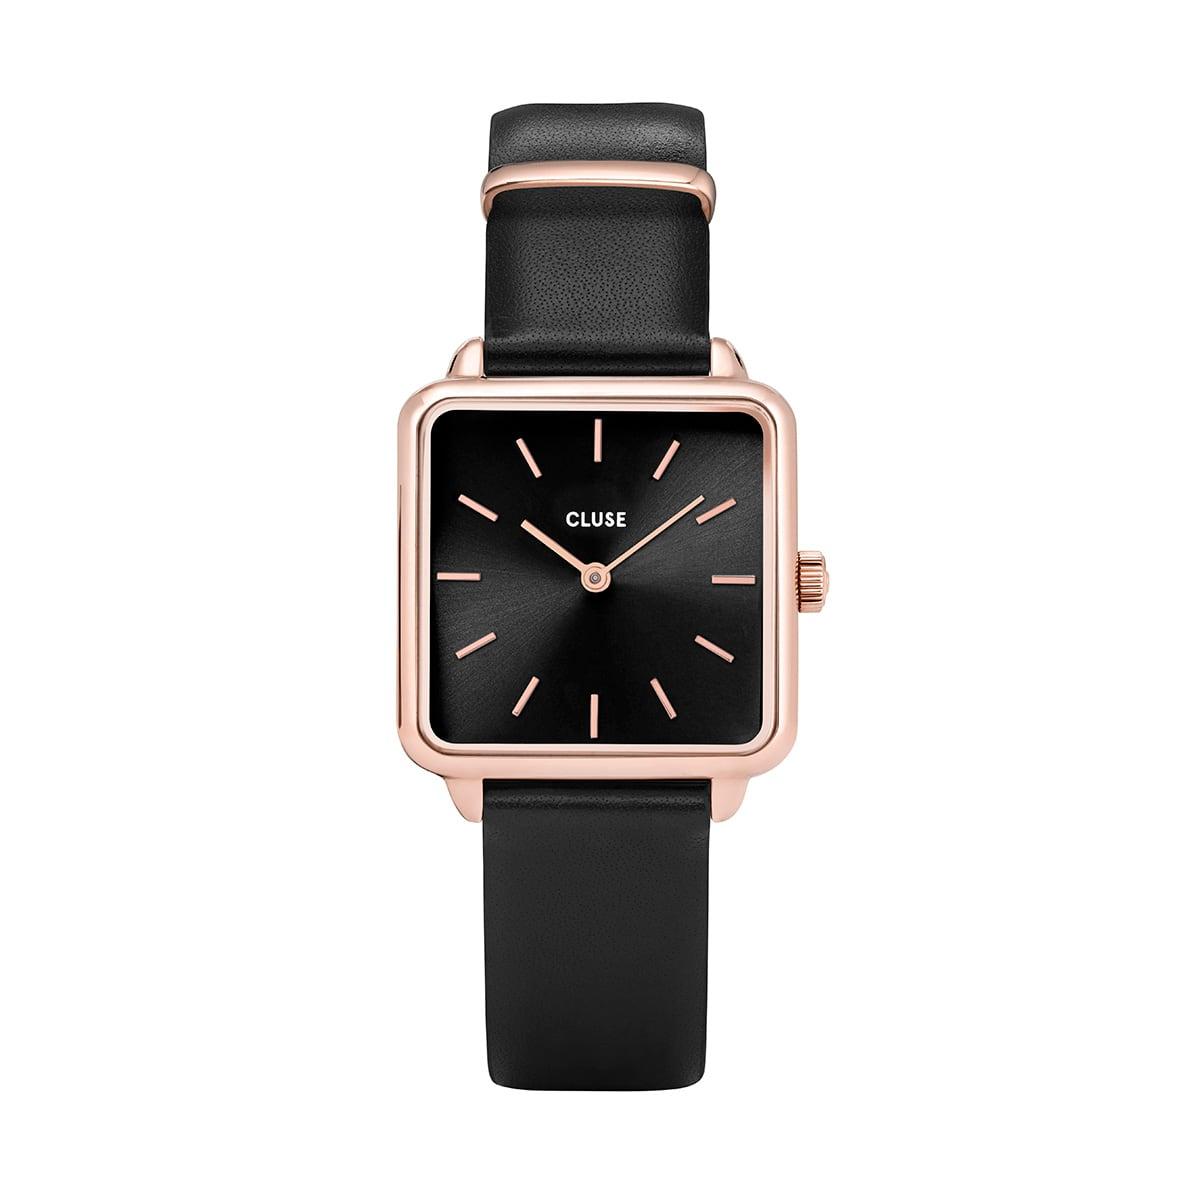 大島優子 着用 28.5mm - CW0101207011 ラ・テトラゴン ローズゴールド ブラック ブラック CLUSE クルース 腕時計